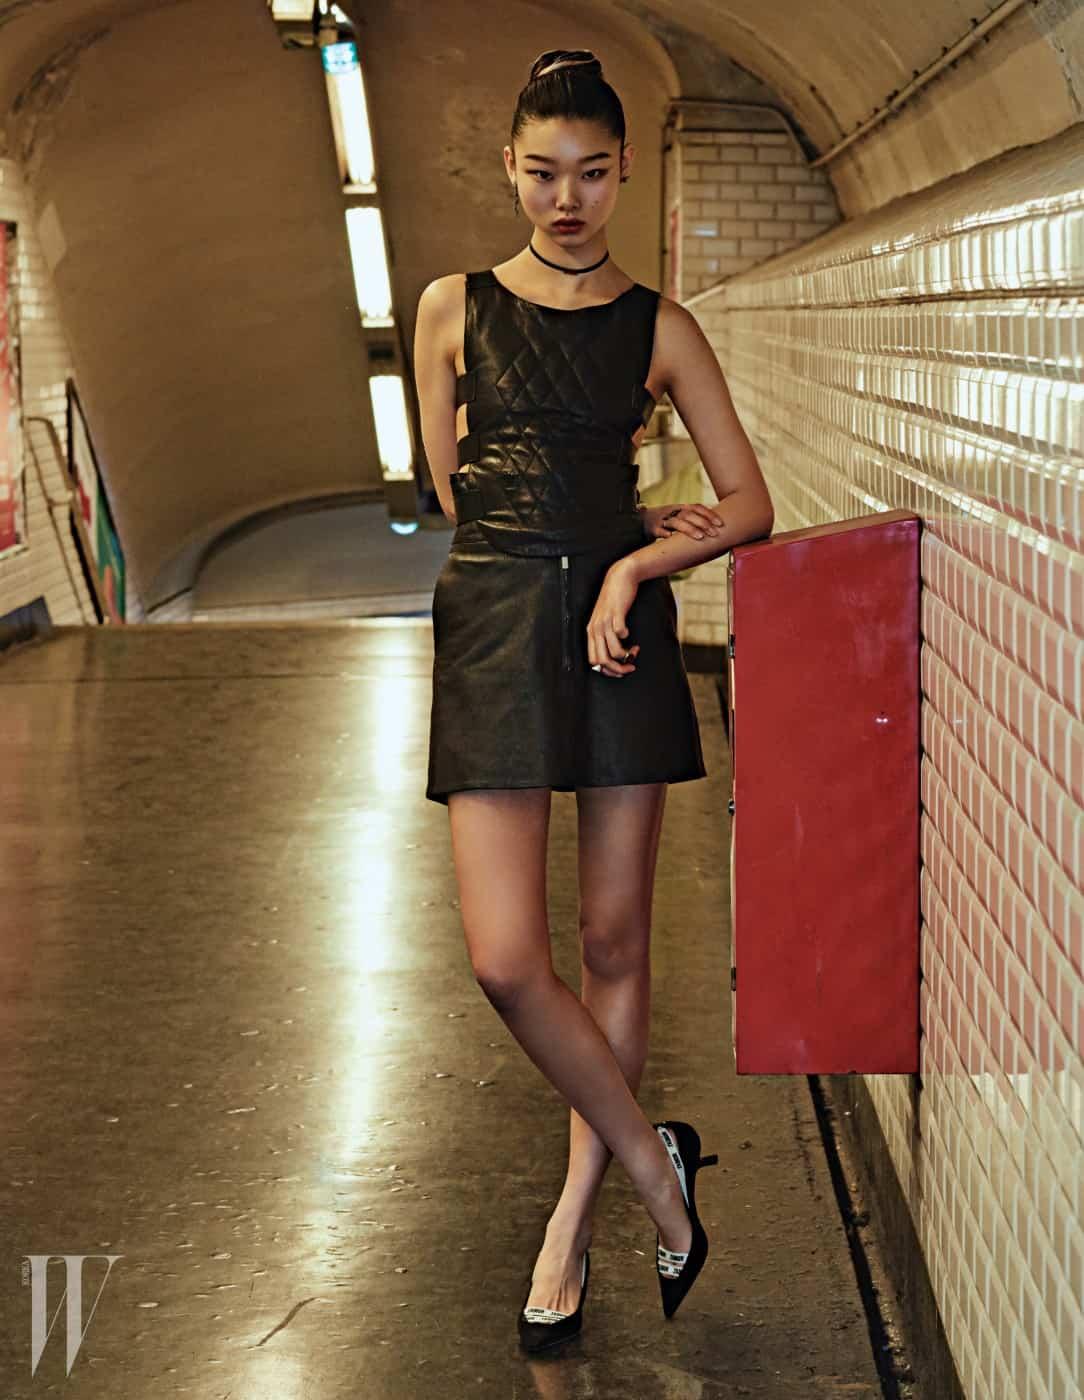 펜싱 베스트를 연상시키는 가죽 톱과 미니스커트, 밴드 스트랩 슈즈, 초커, 귀고리, 반지는 모두 Dior 제품.